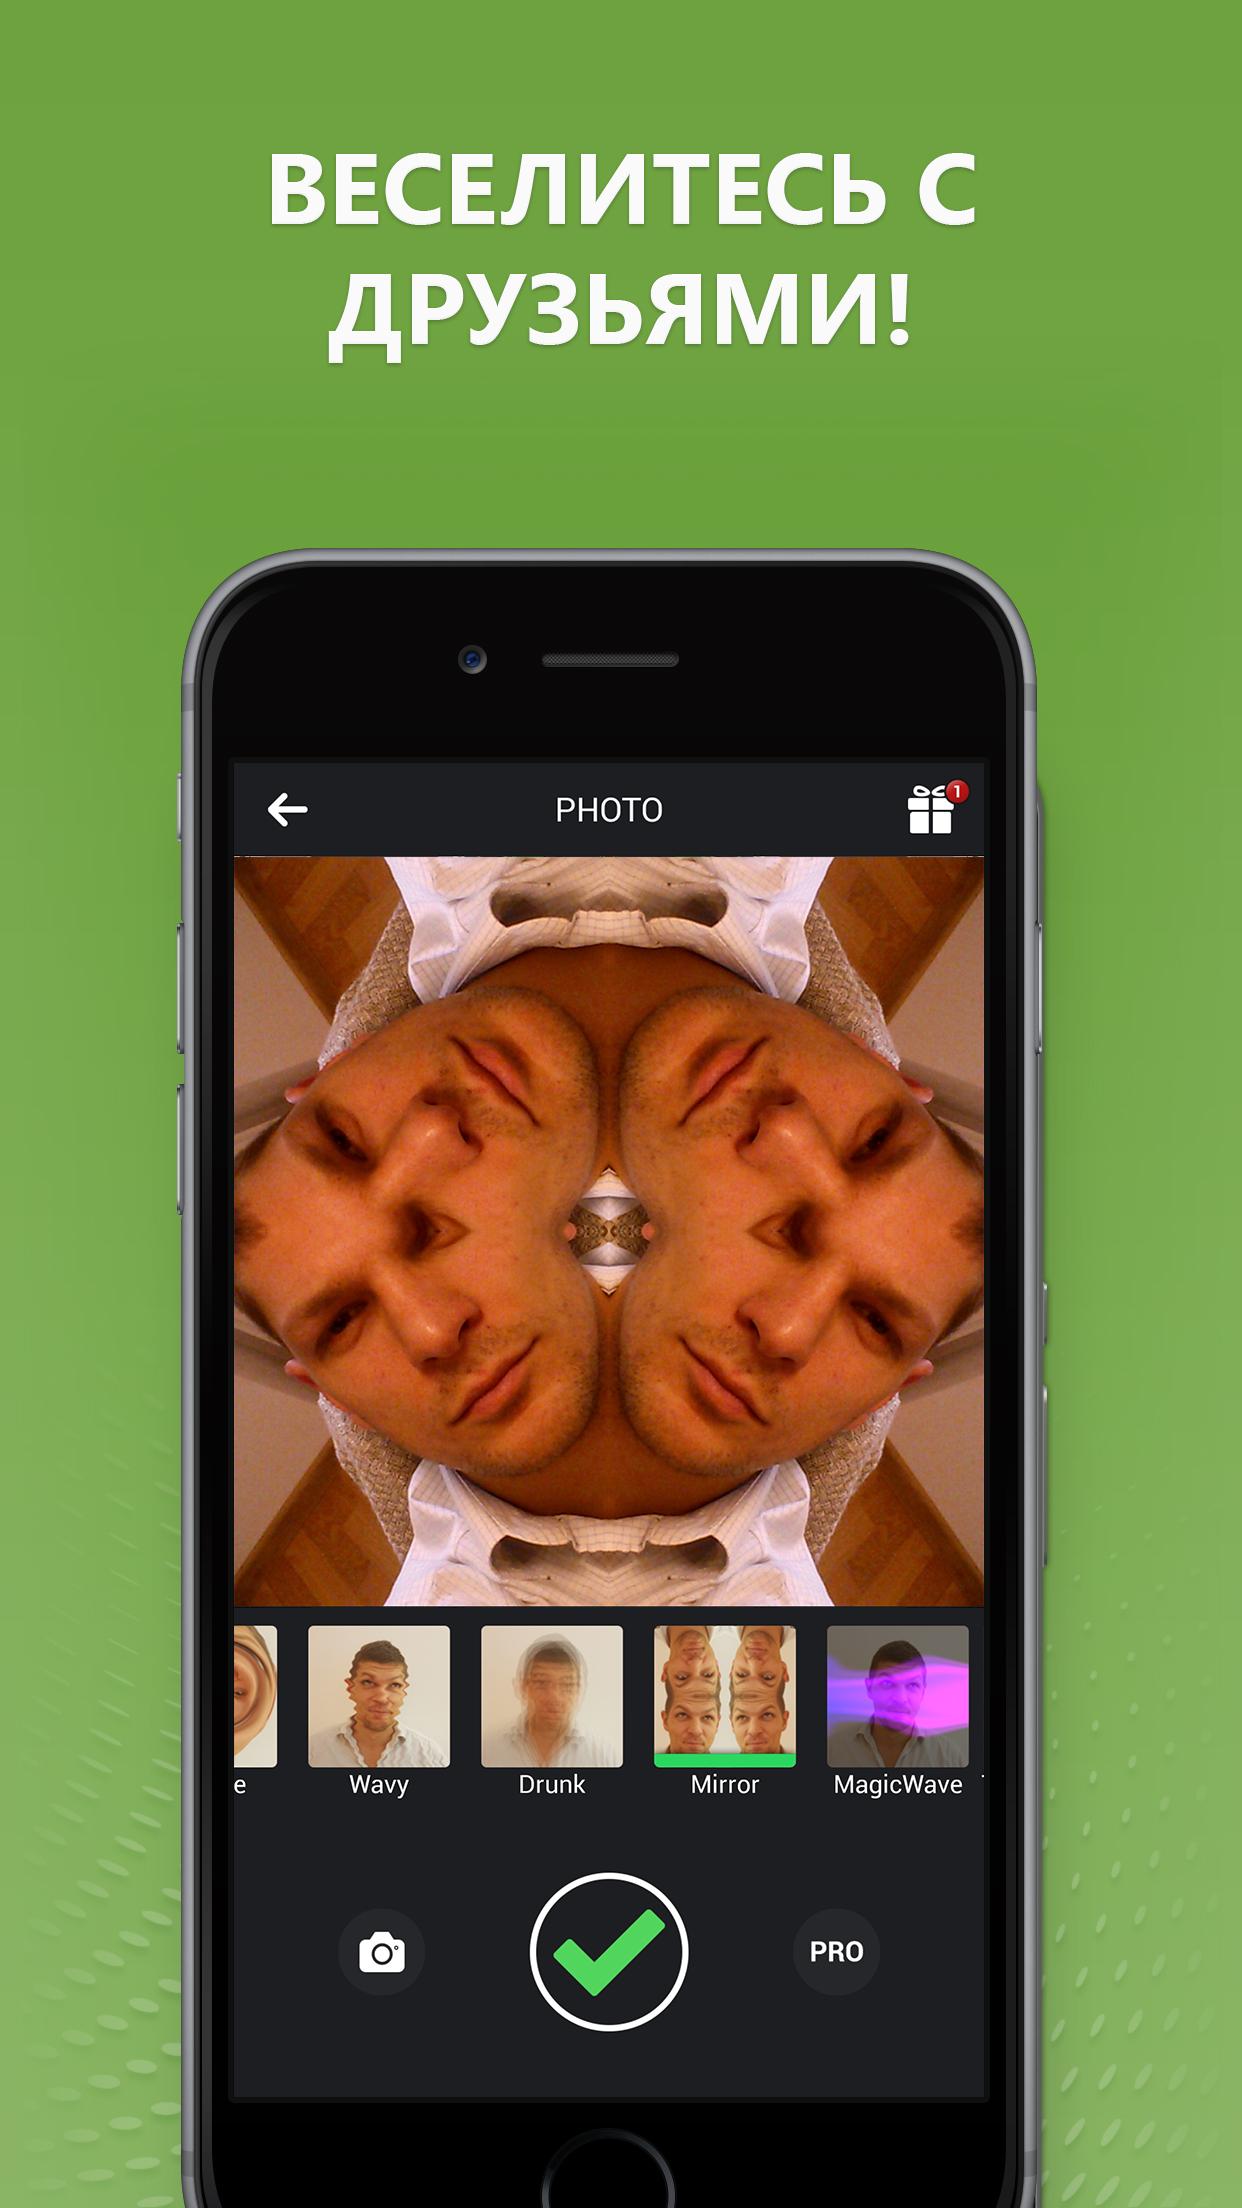 Как загрузить в инстаграм в айфоне